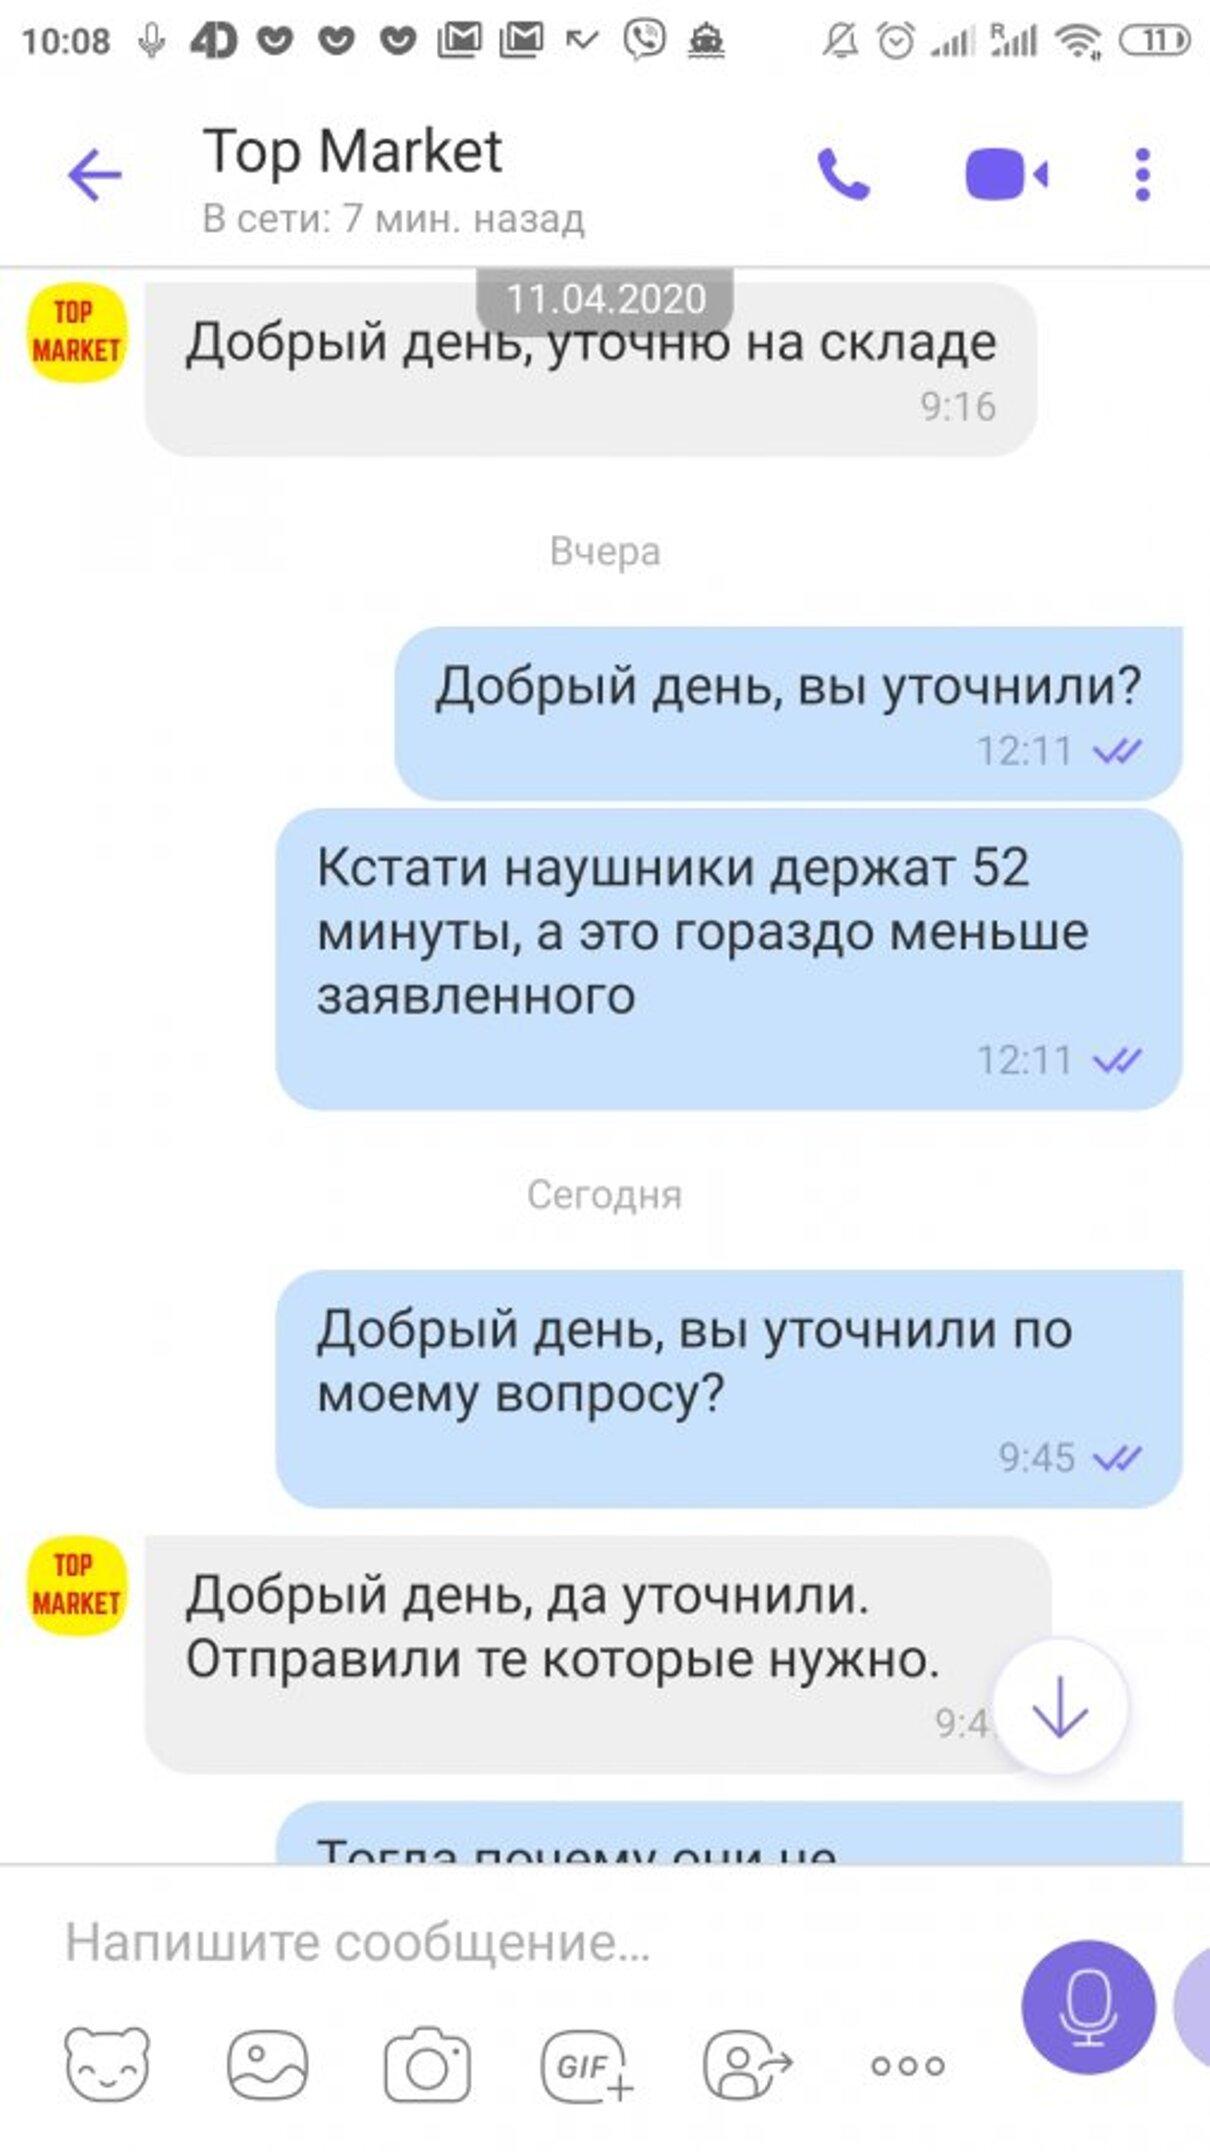 Жалоба-отзыв: Top Market / topmarket1.com.ua / Airpods2 copy - Top Market, Topmarket1.com.ua.  Фото №1